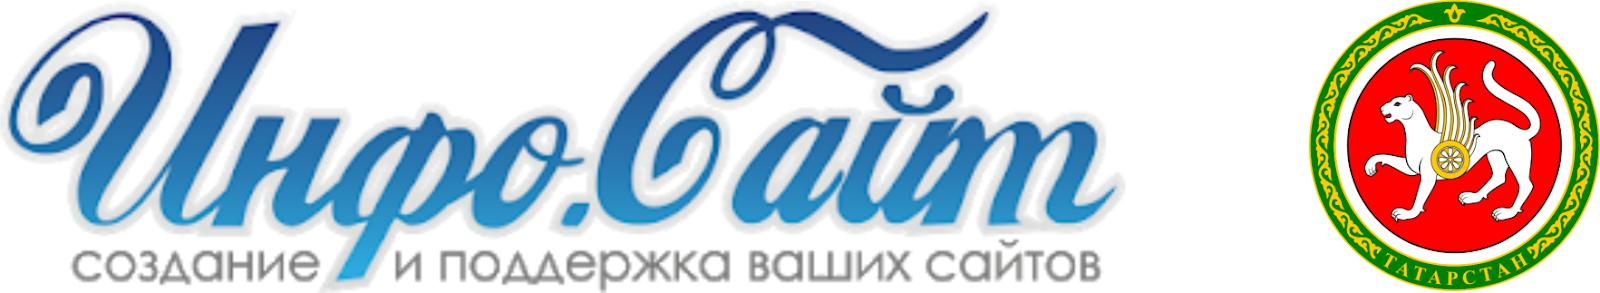 Татарстан 🌍 Новости : Информационный агрегатор Инфо-Сайт